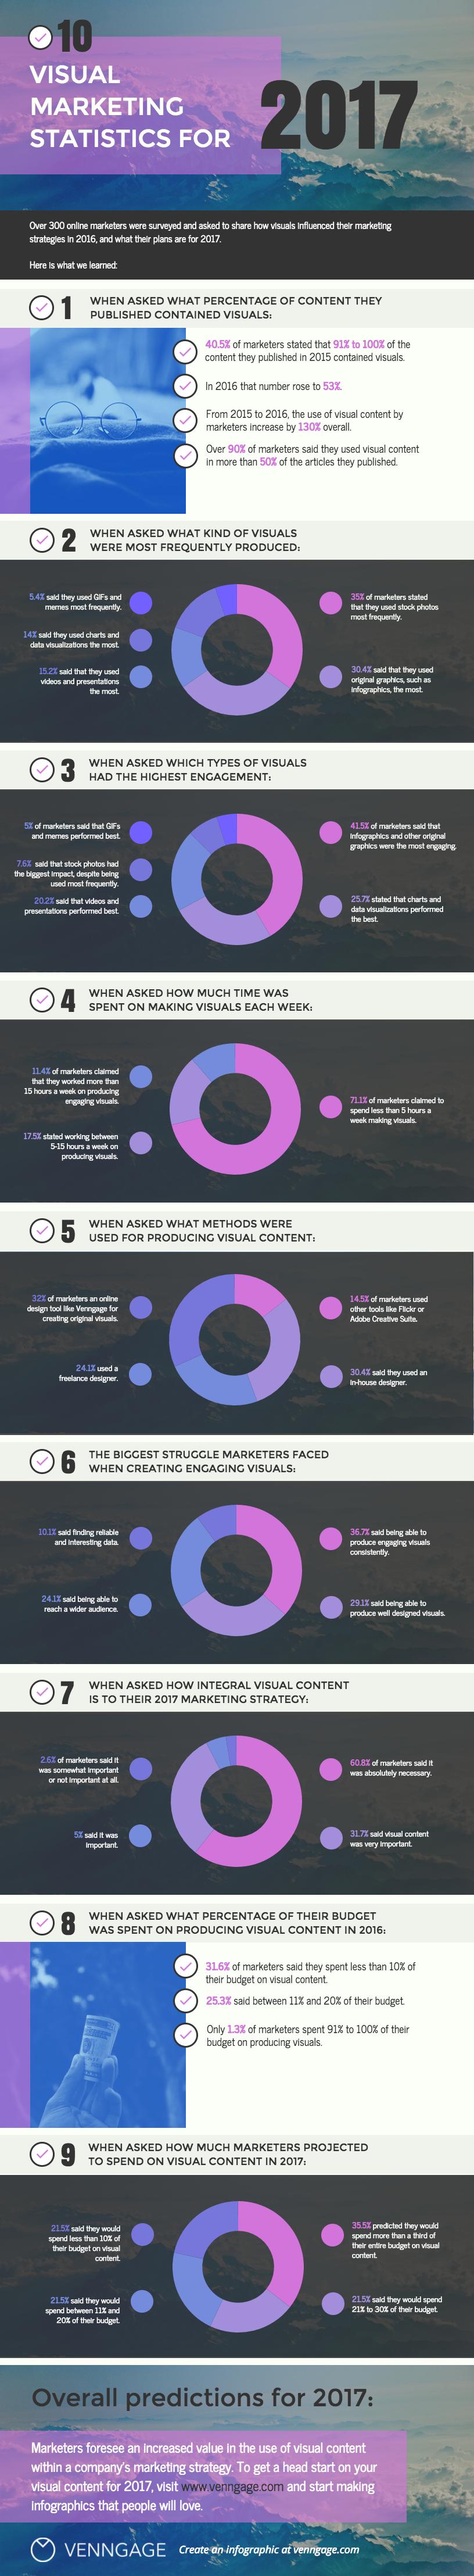 visual-content-marketing-statistics-2017.png